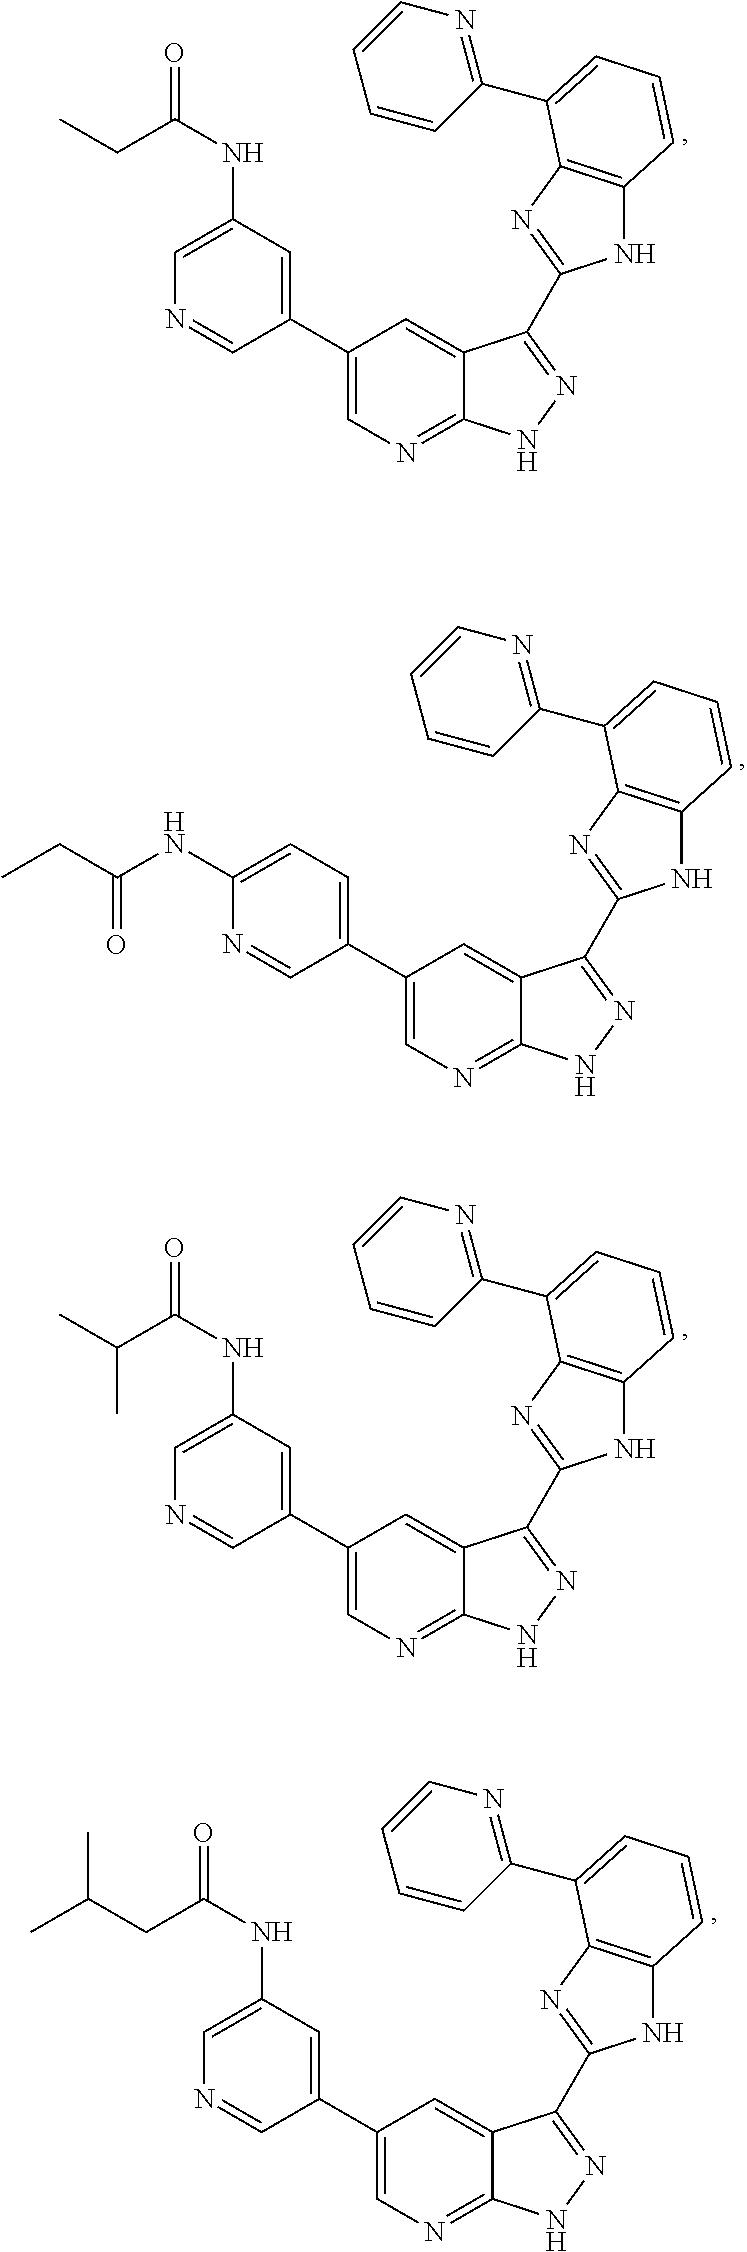 Figure US08618128-20131231-C00018